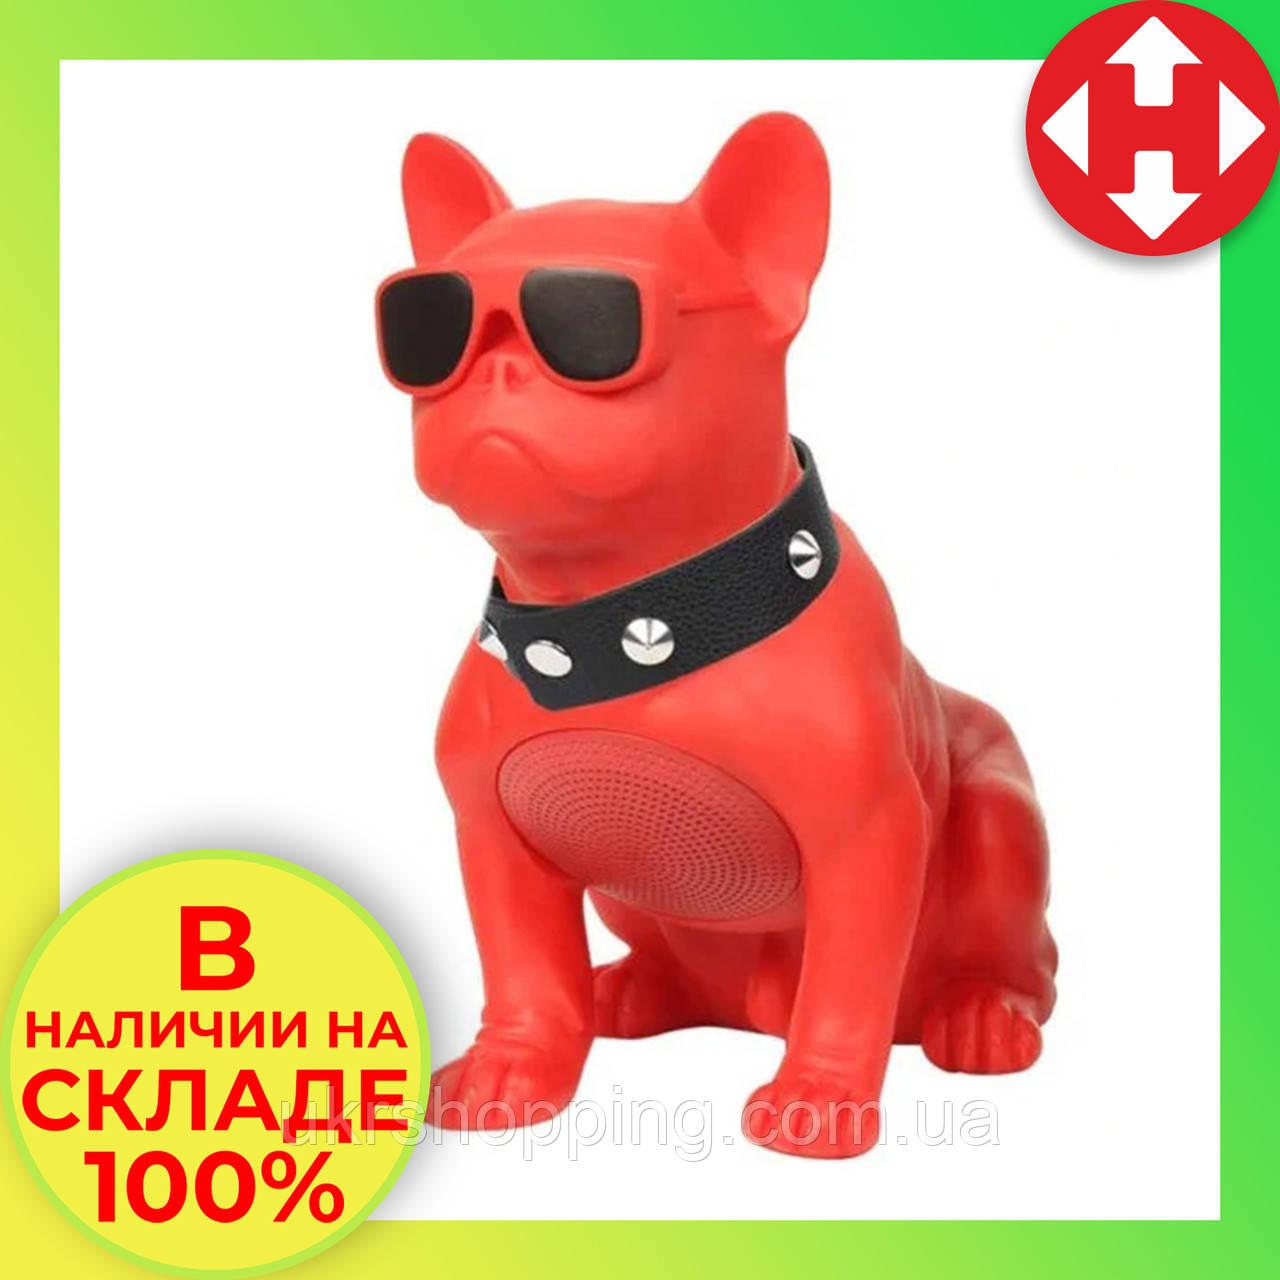 Распродажа! Музыкальная USB колонка собака (бульдог) красный, портативная bluetooth акустика c флешкой